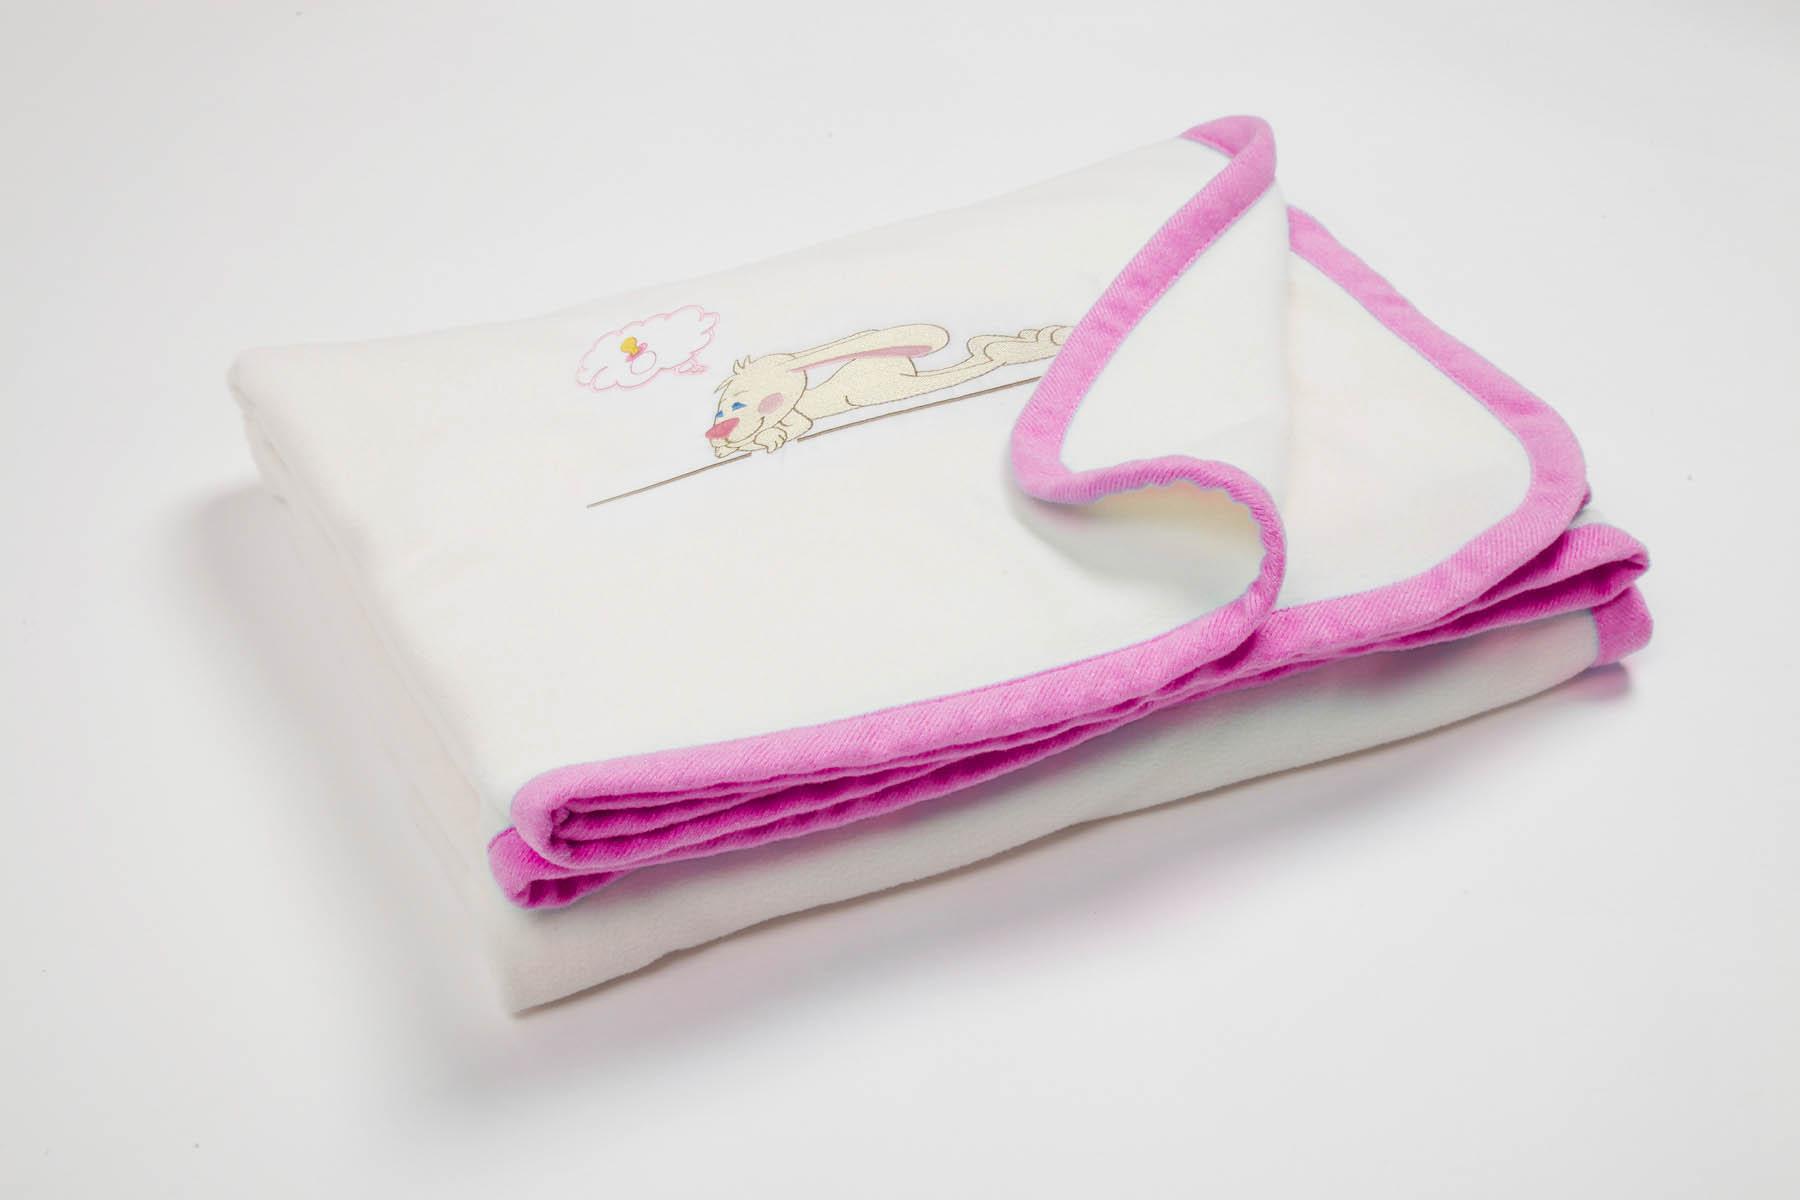 Детские покрывала, подушки, одеяла Primavelle Детский плед Lovely Цвет: Розовый (80х100 см) полотенца primavelle детское полотенце lovely цвет розовый 90х90 см